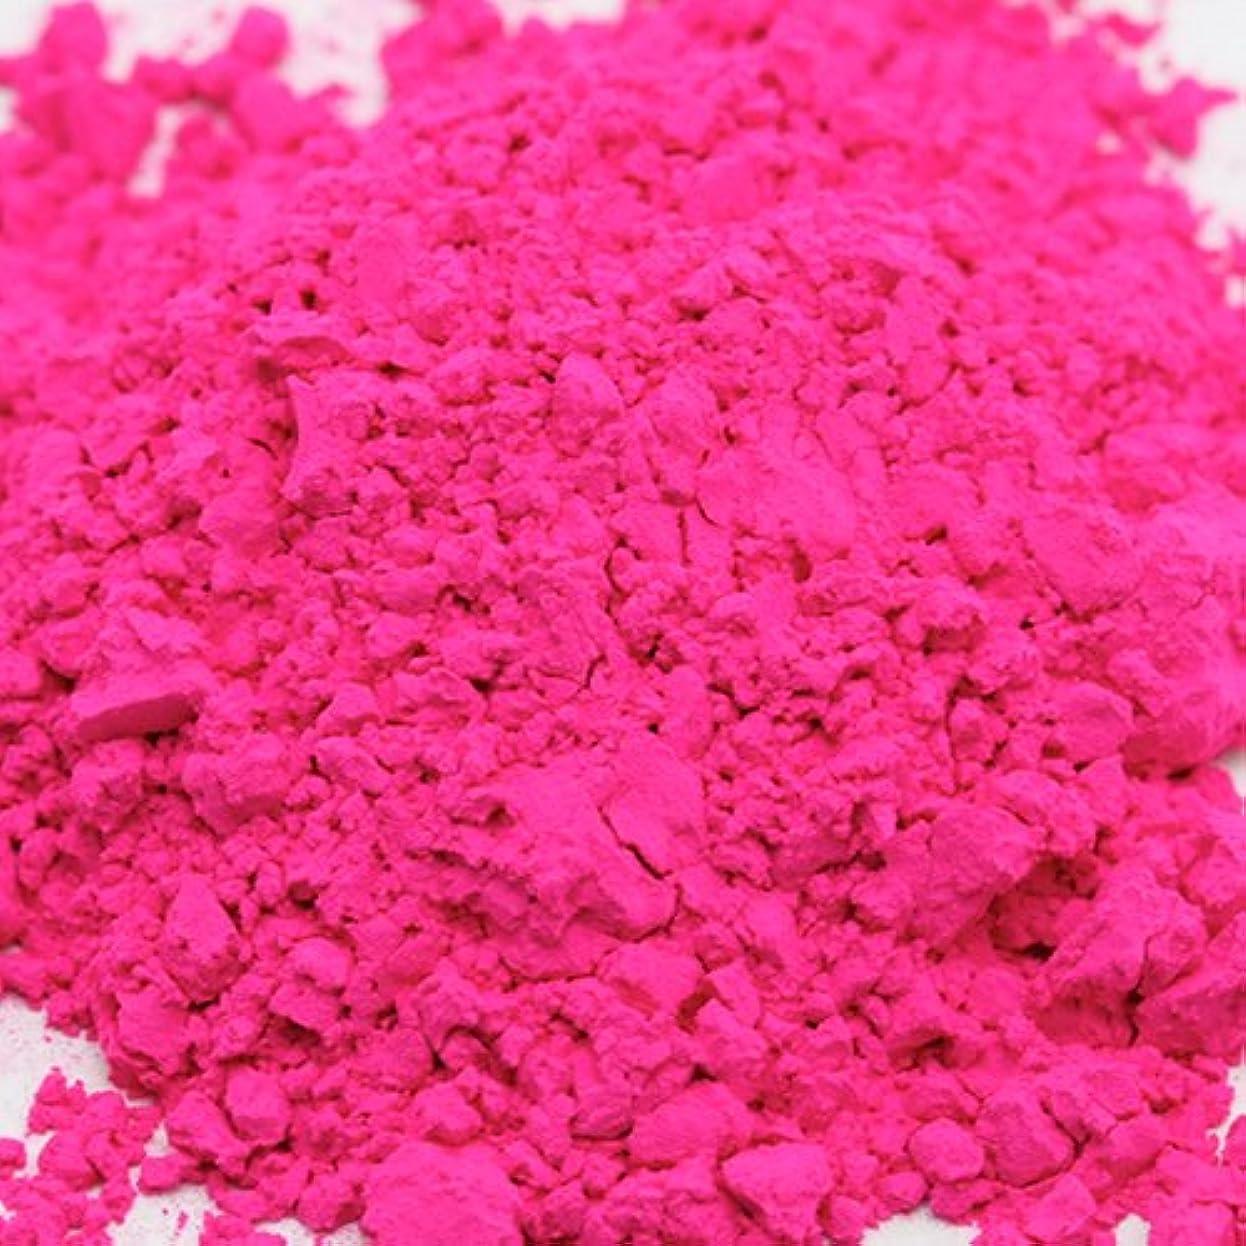 延期する州手配するキャンディカラー ピンク 20g 【手作り石鹸/手作りコスメ/色付け/カラーラント】